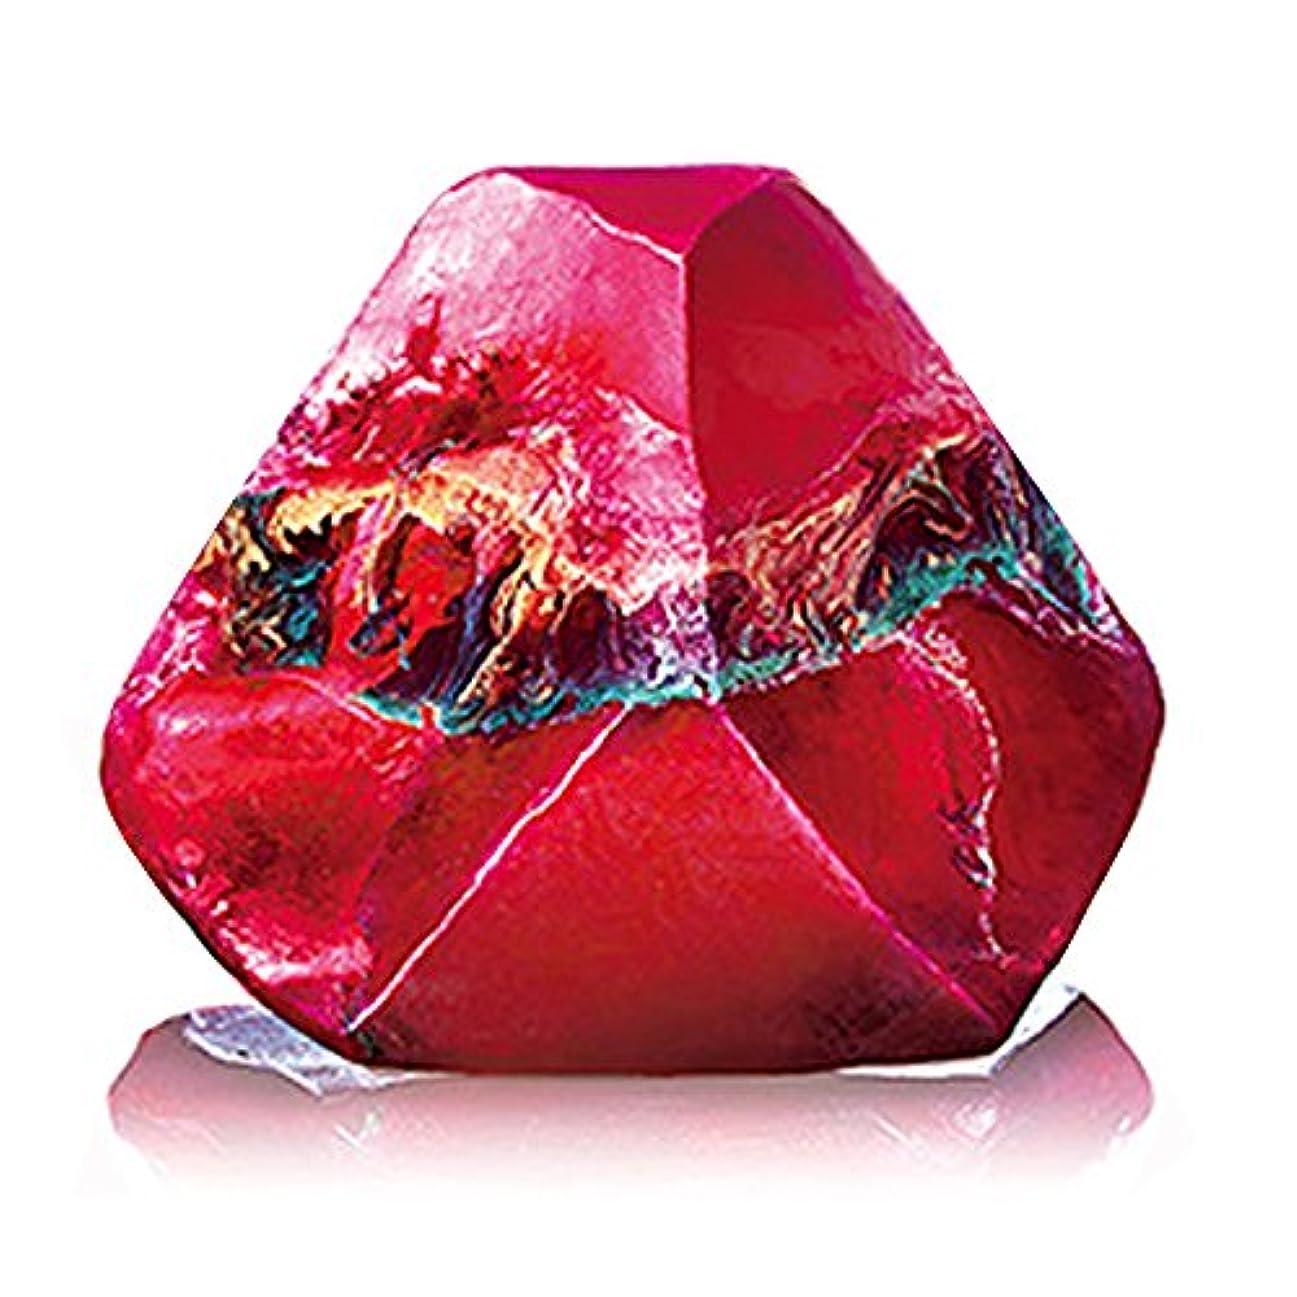 好奇心空白あまりにもSavons Gemme サボンジェム 世界で一番美しい宝石石鹸 フレグランス ソープ ガーネット ミニ 114g